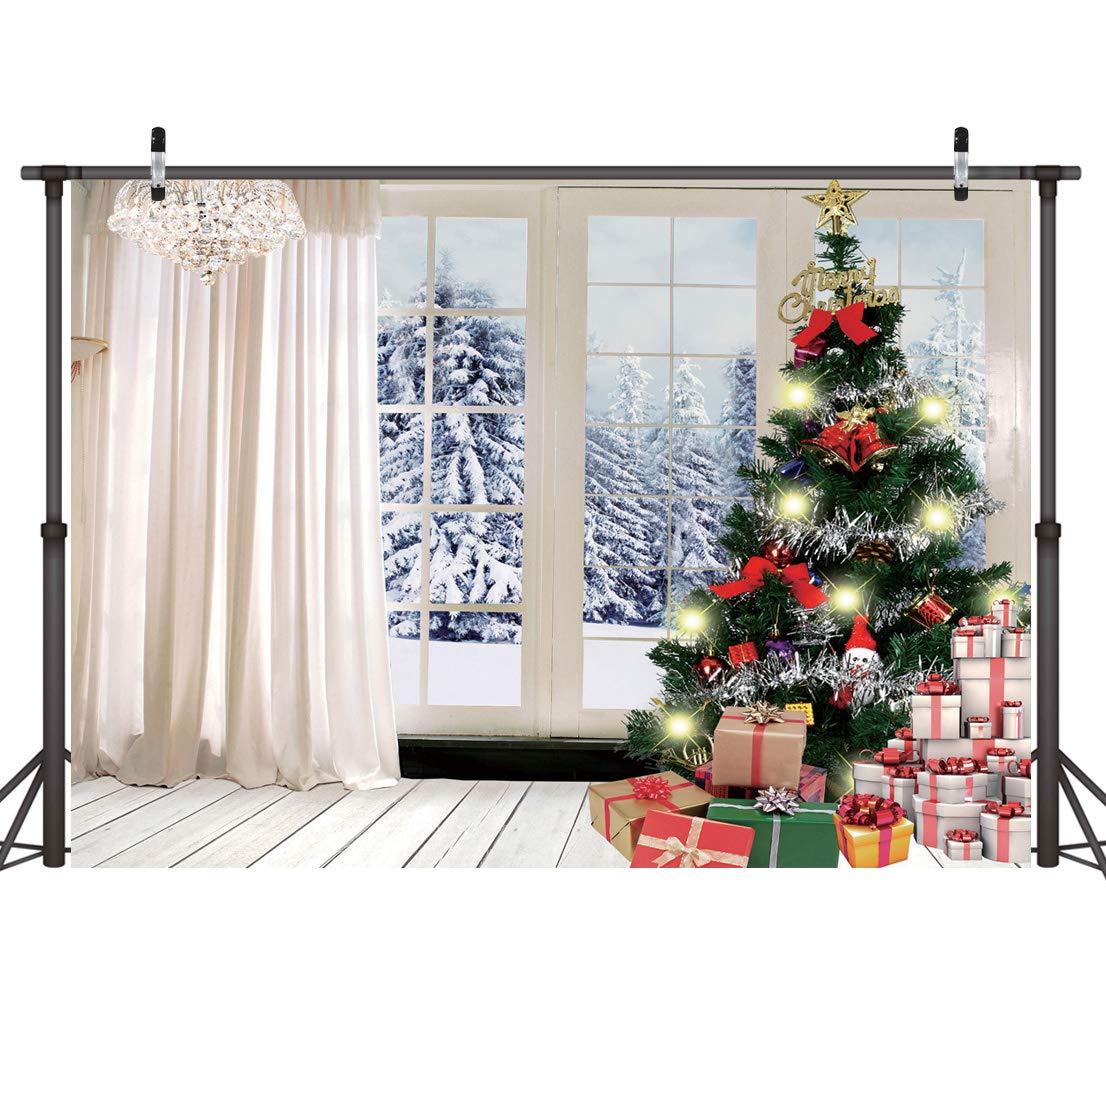 LYWYGG 7x5FT Fondo de Regalo de /árbol de Navidad Fondo de Piso de Madera Marr/ón Interior Pap/á Noel env/ía Ni/ños en un Fondo de Fotograf/ía de Noche Nevada CP-77